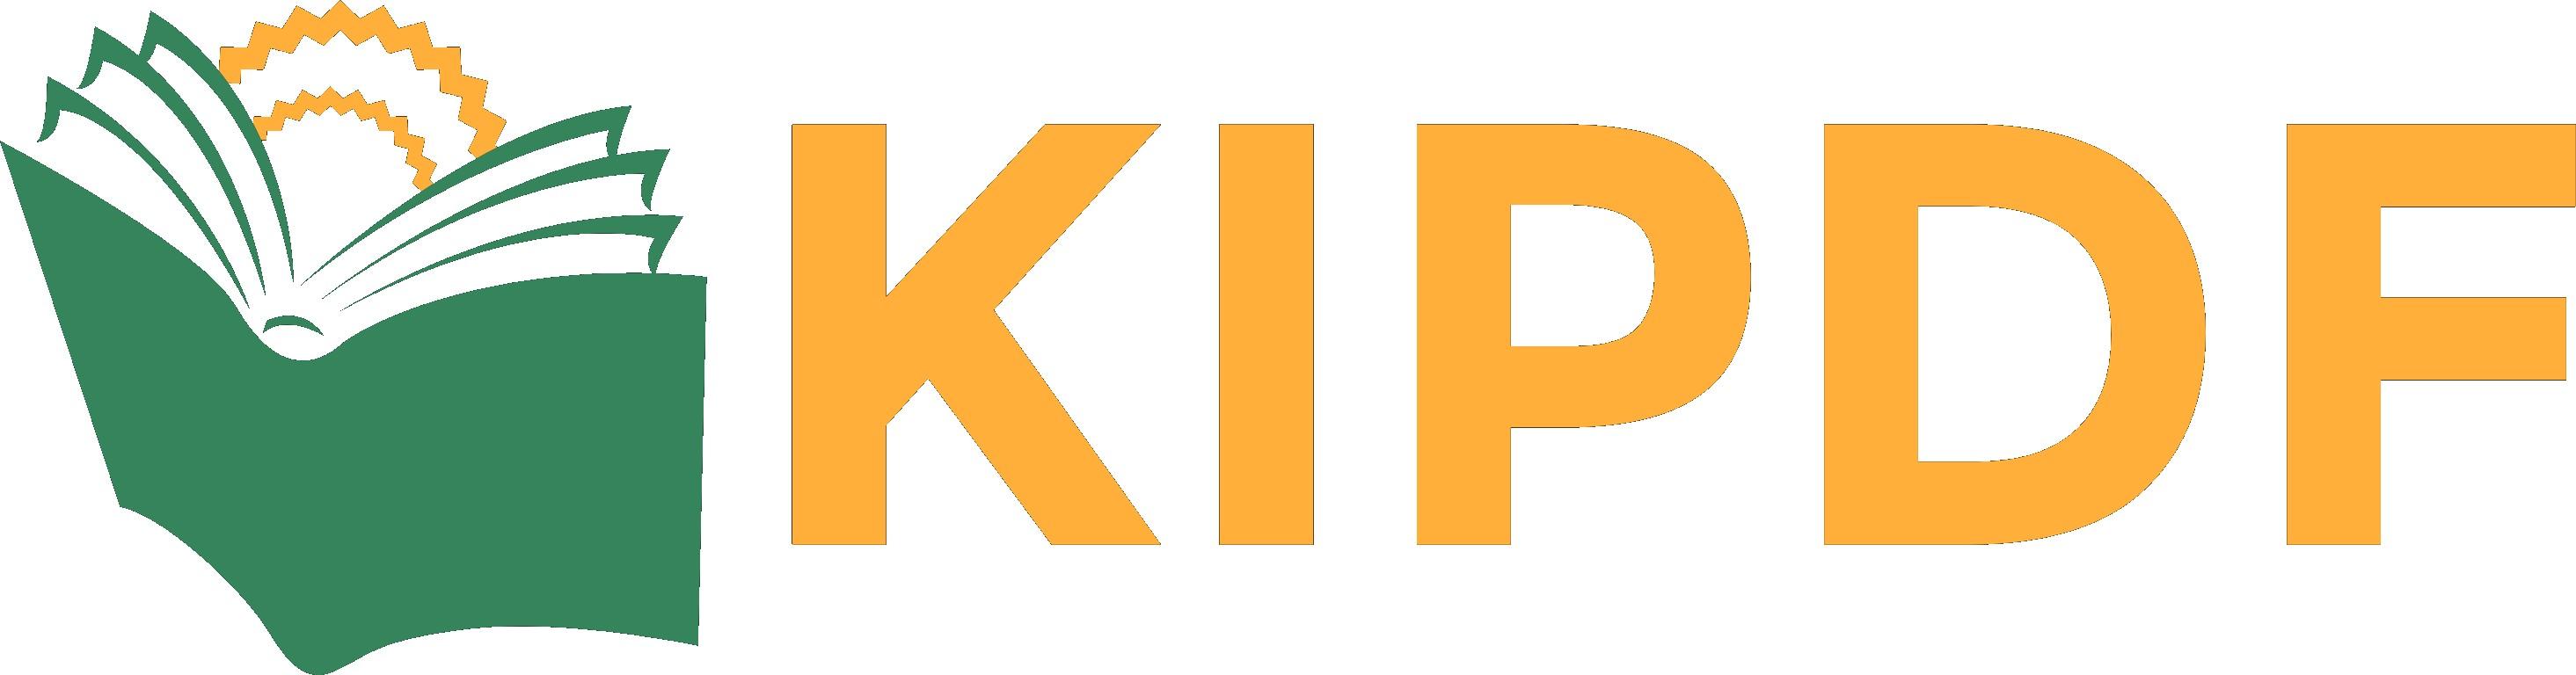 kipdf logo